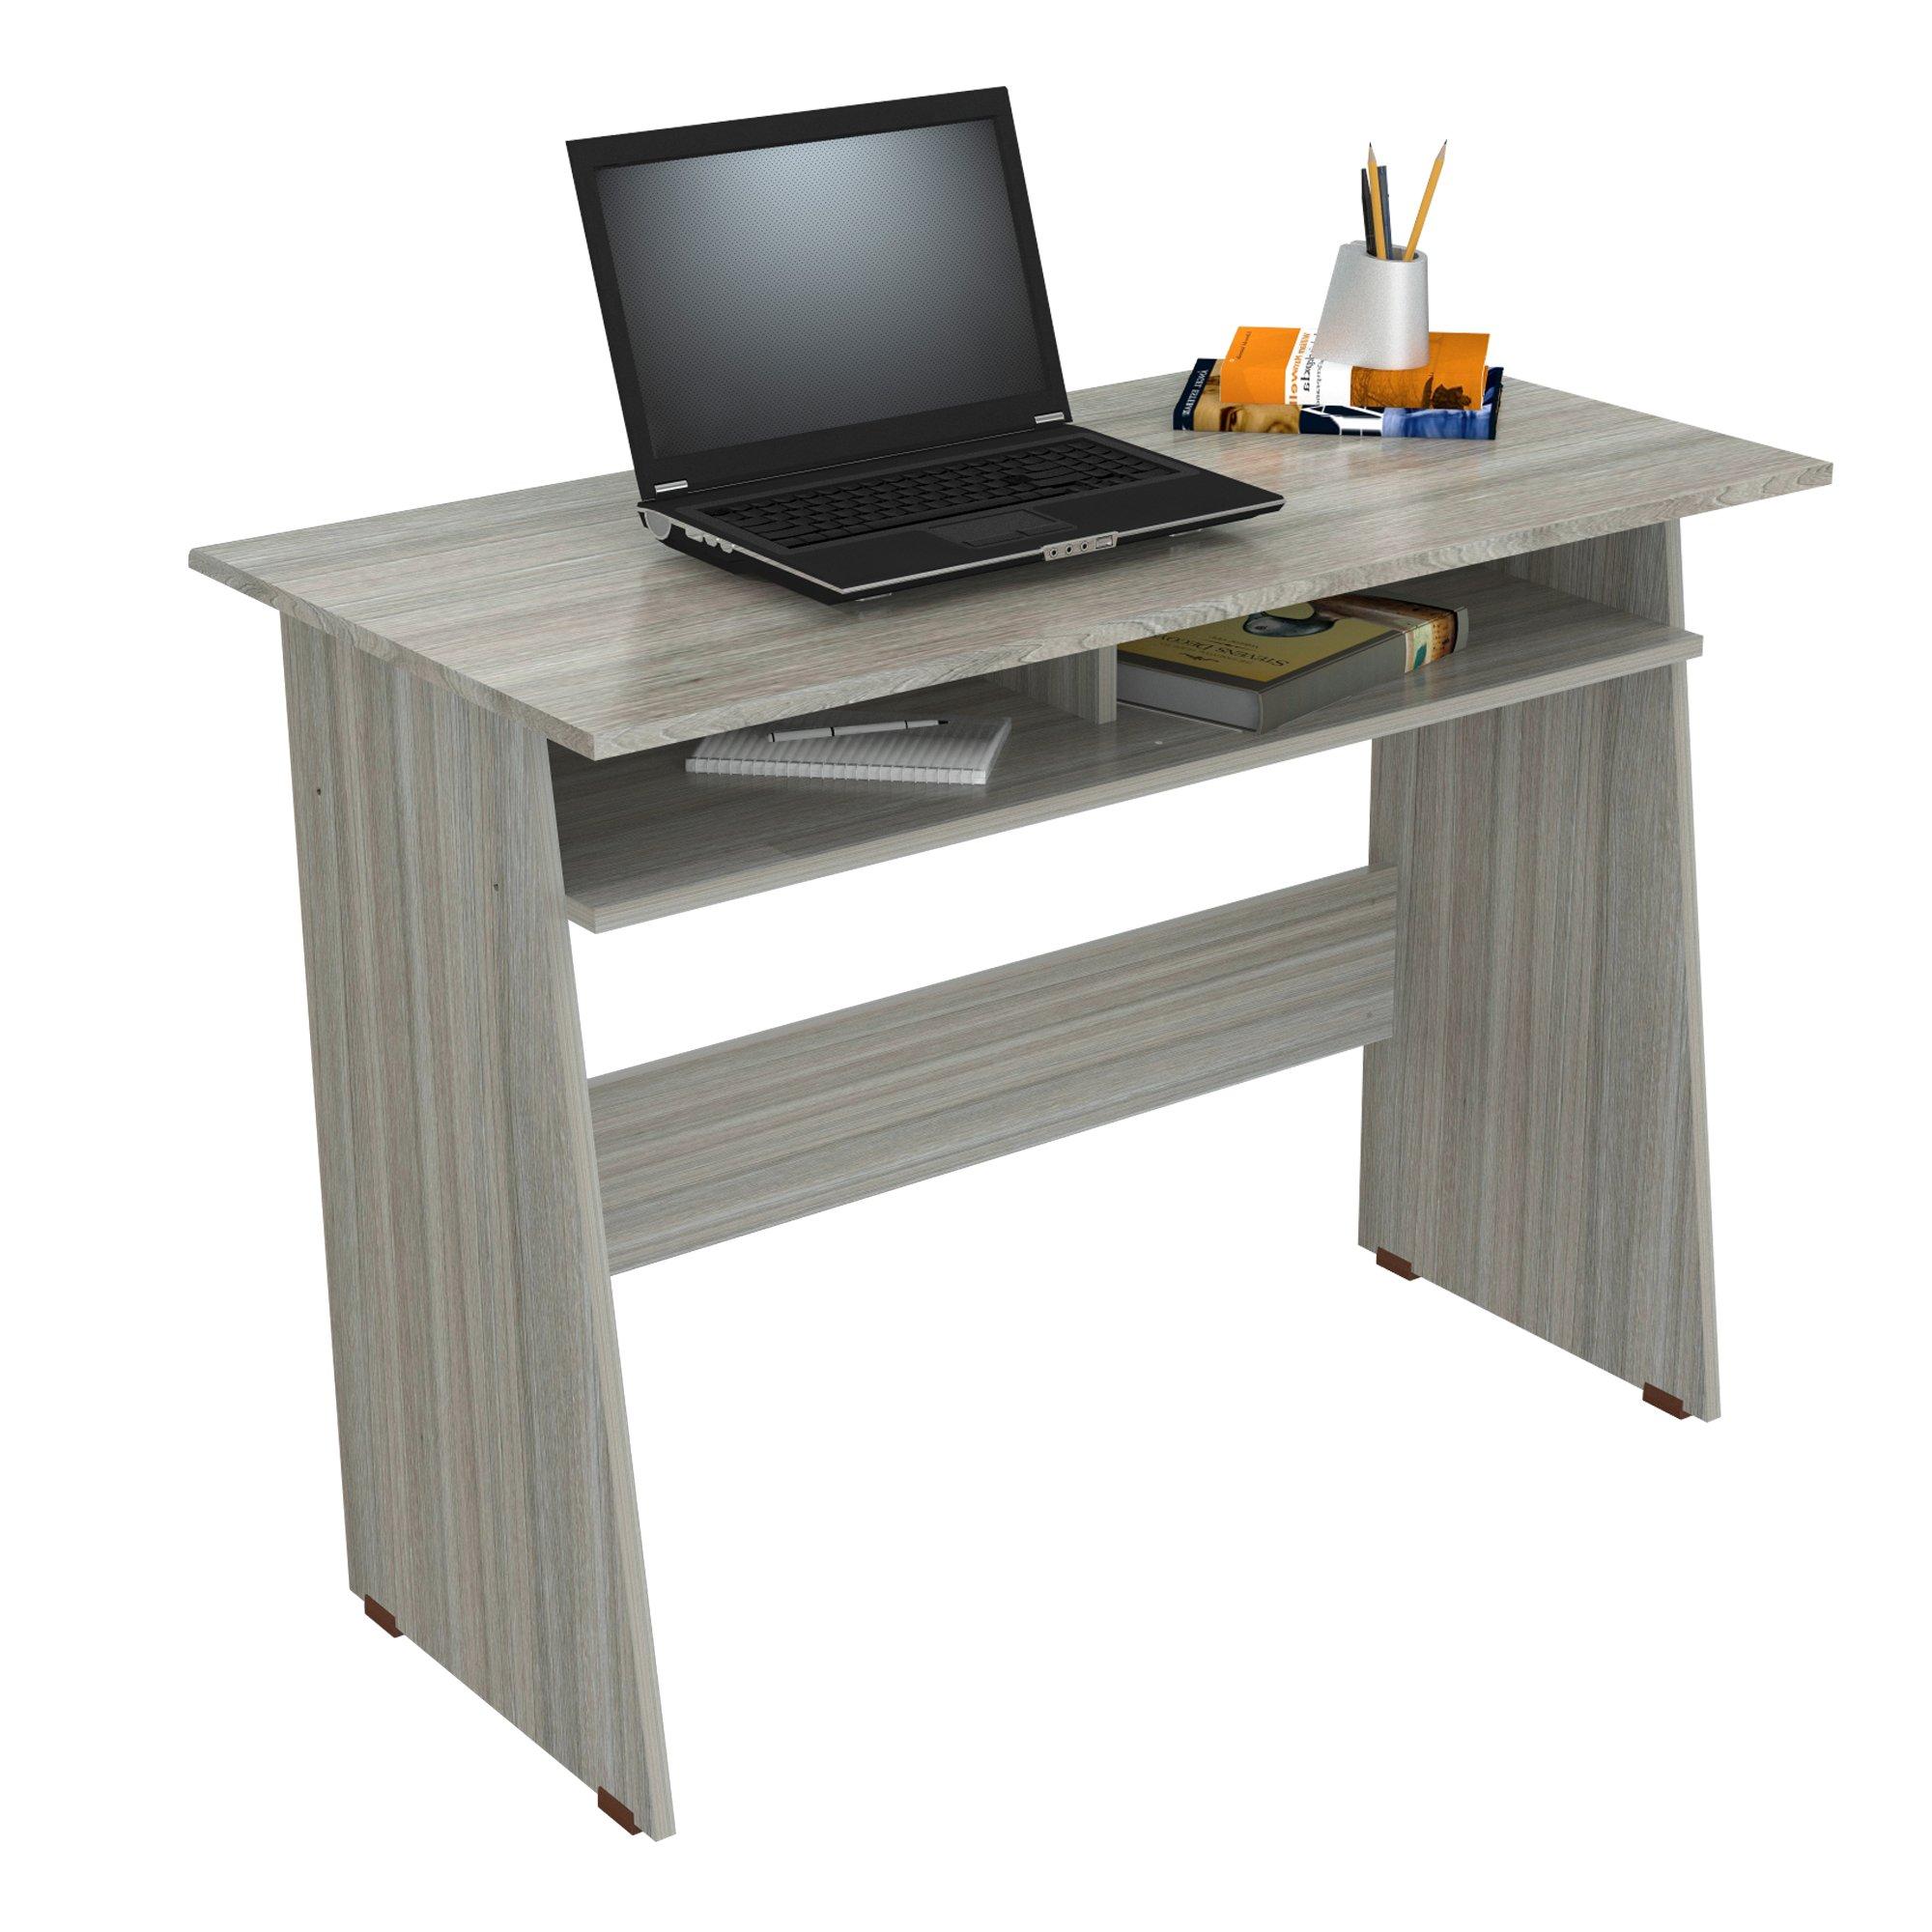 Inval ES-10503 Writing Desks, Smoke Oak